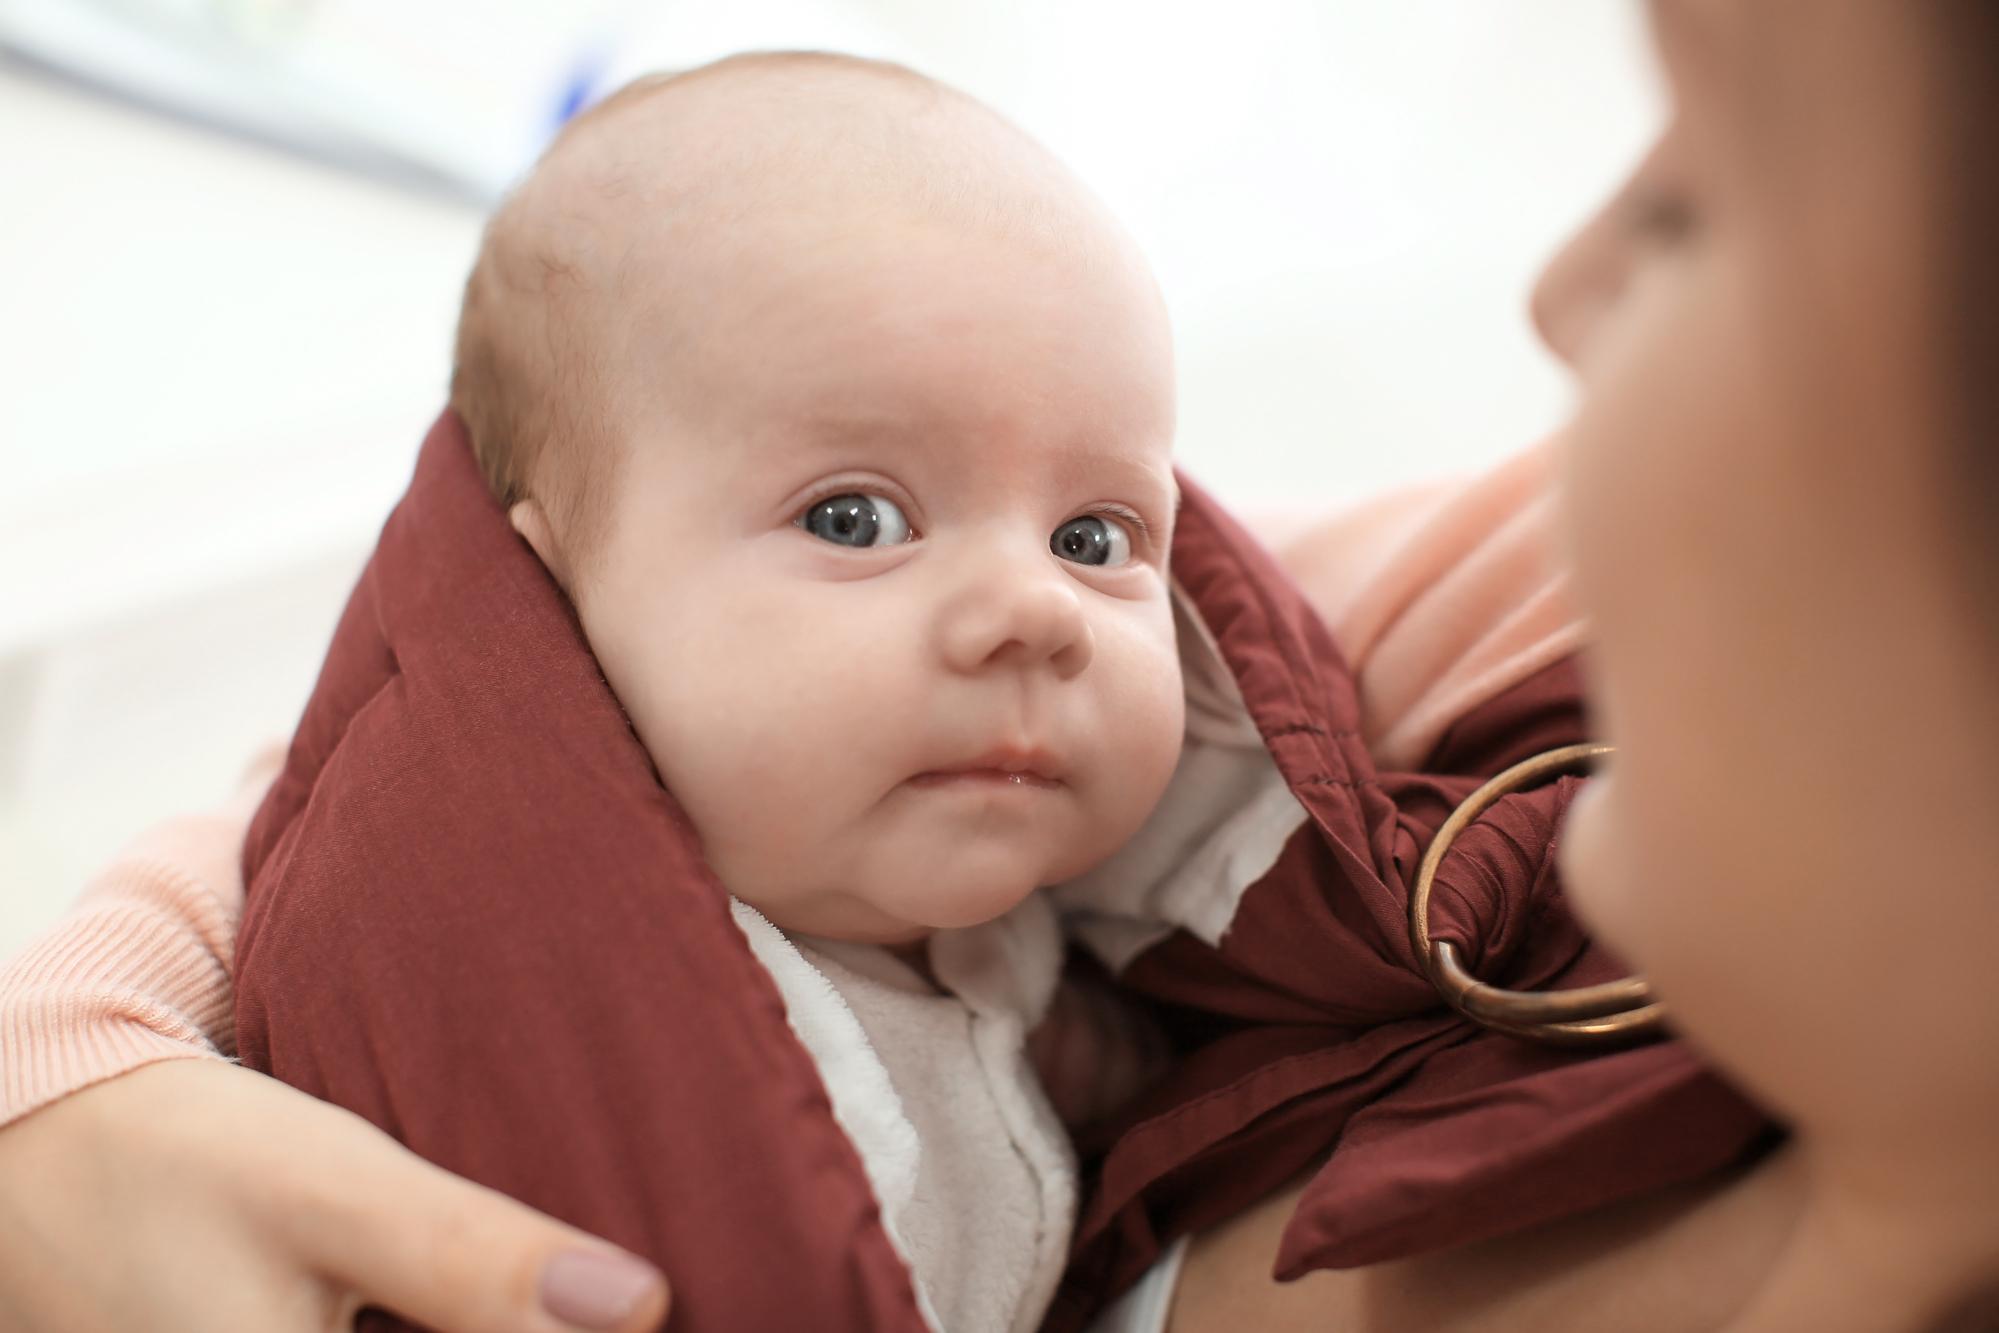 Find kvalitetstøj til din baby i smarte designs